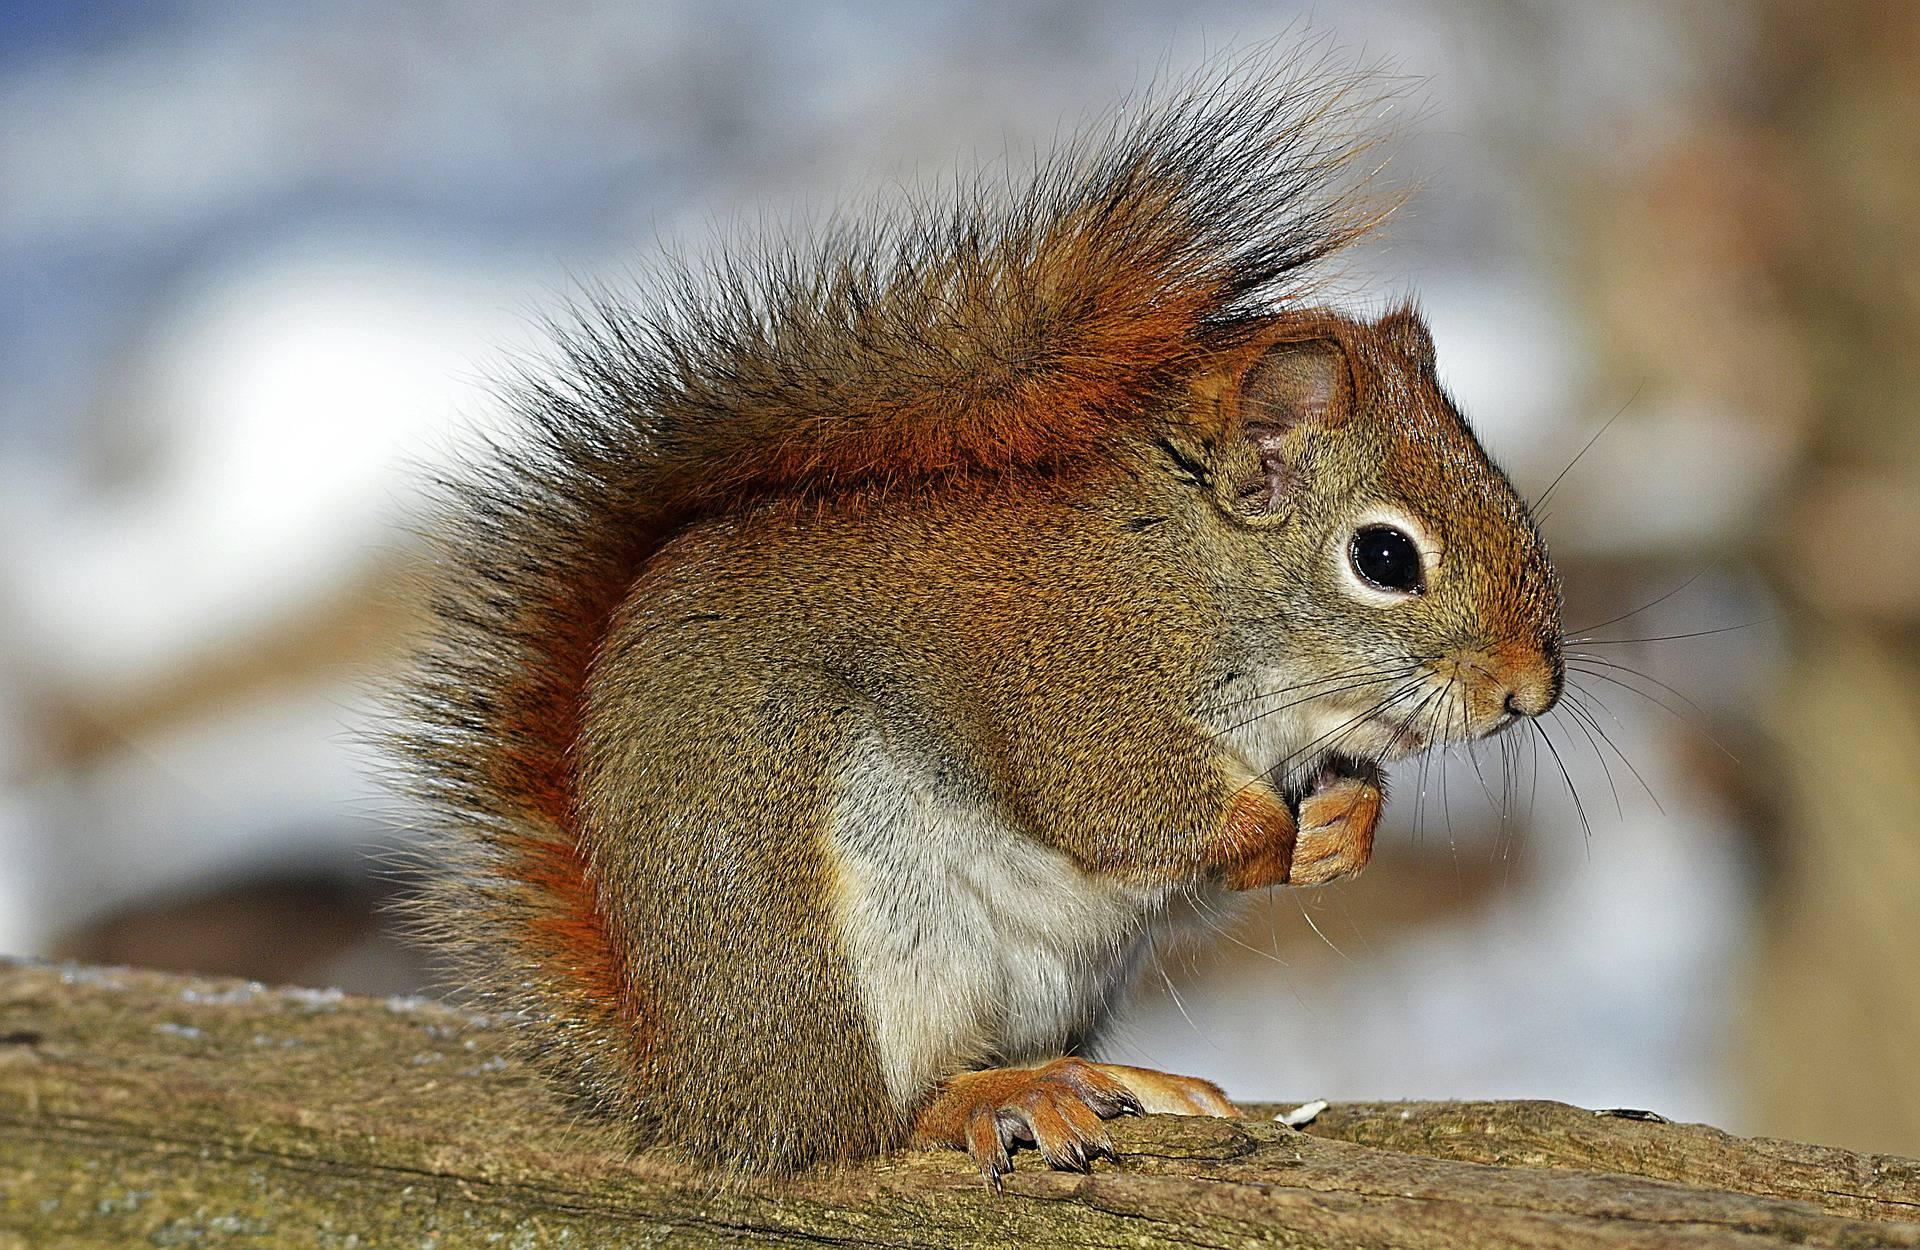 Krafttier Eichhörnchen – Symbolik und Bedeutung